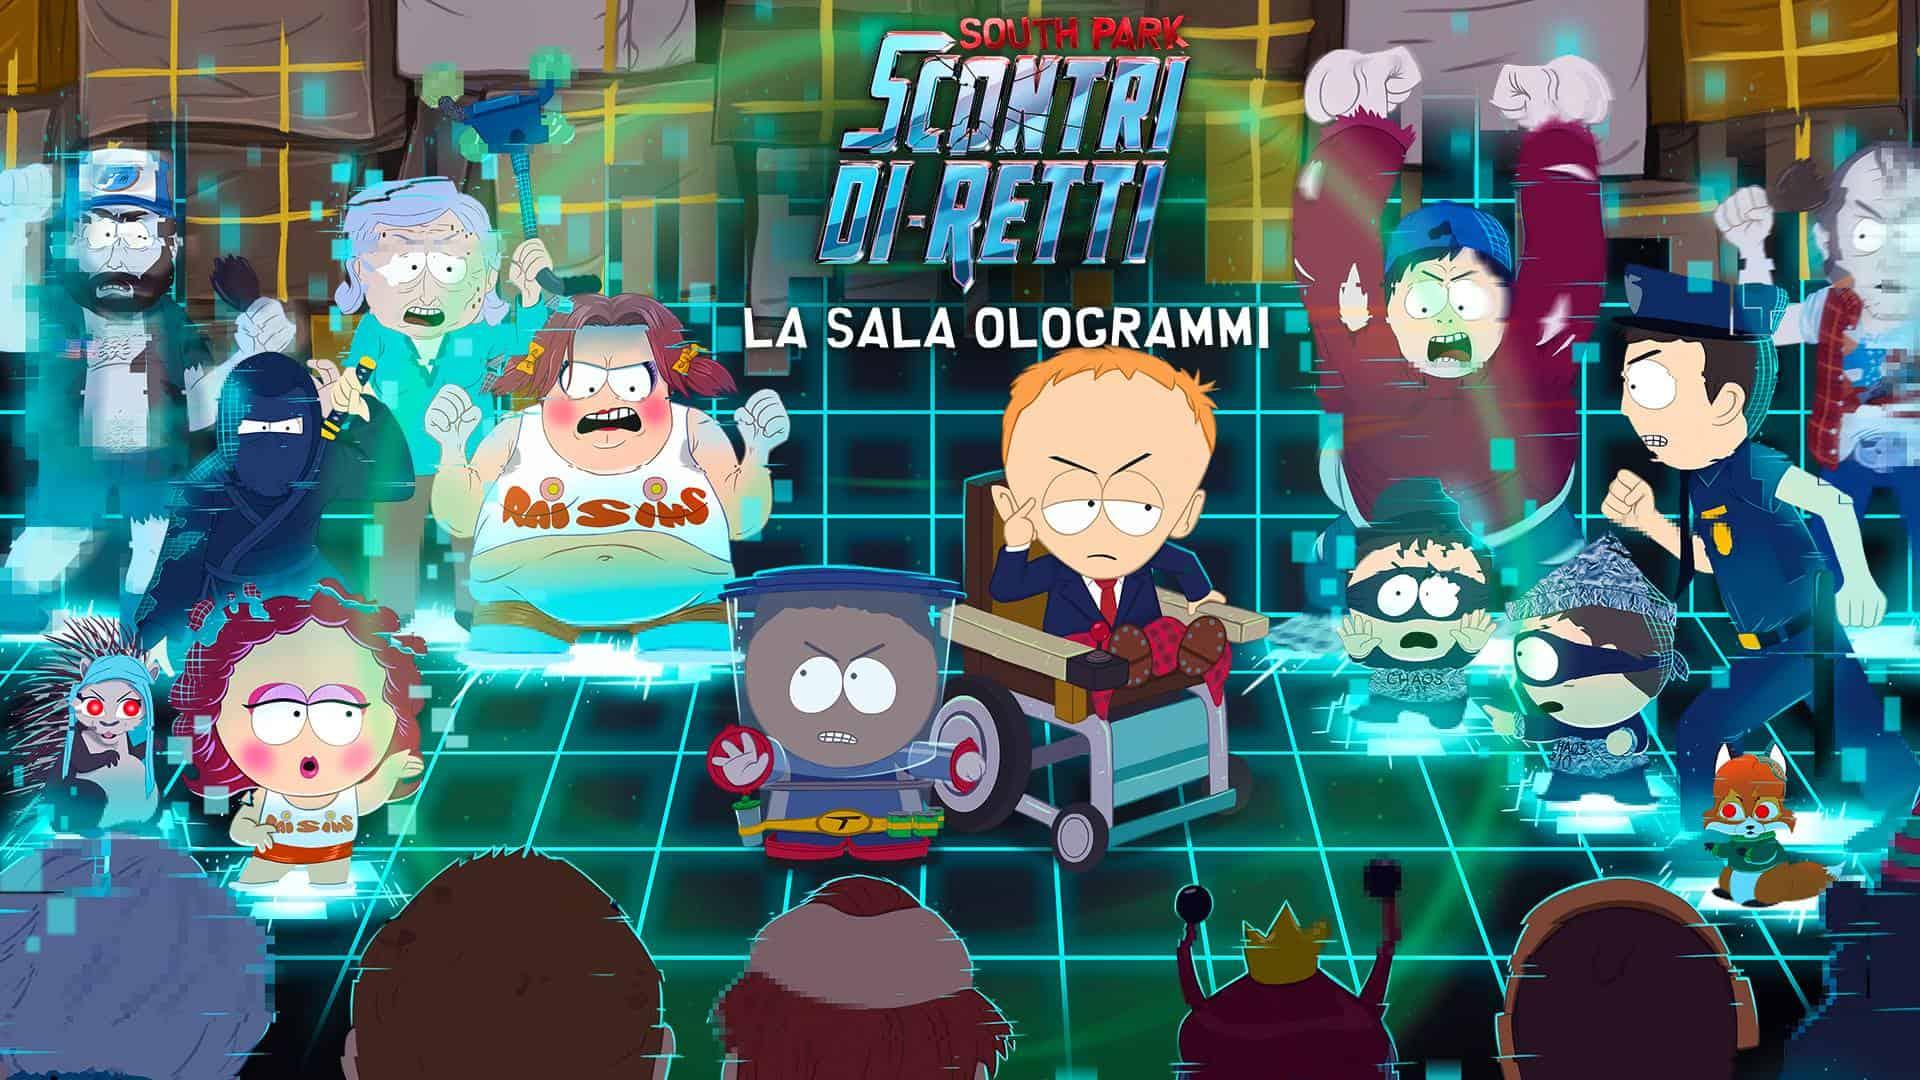 La Sala Ologrammi south park - La Sala Ologrammi per South Park: Scontri Di-Retti è disponibile